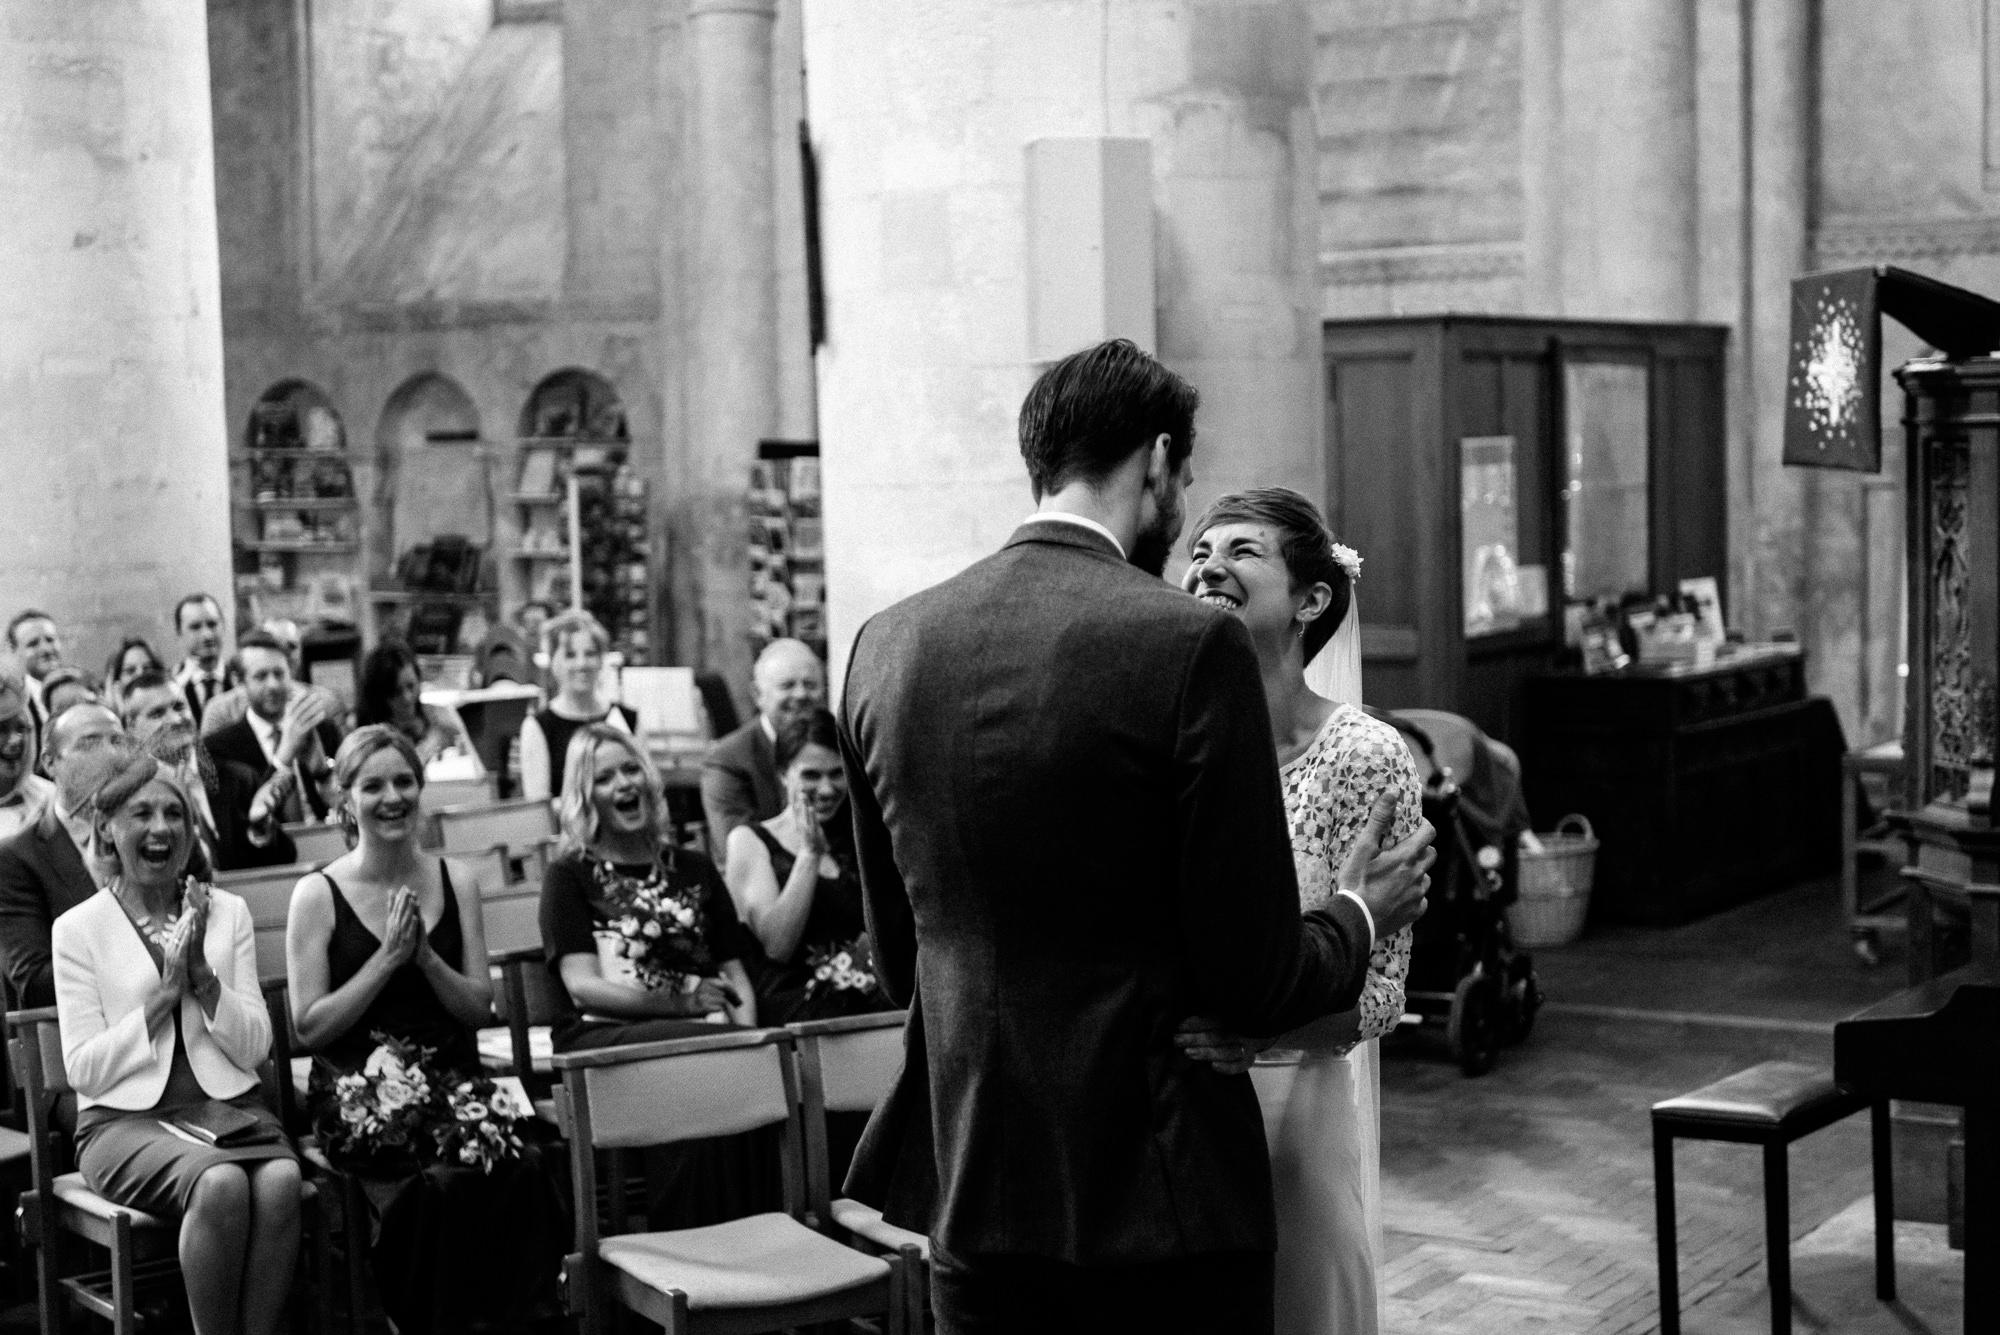 malmsbury-abbey-wedding-36